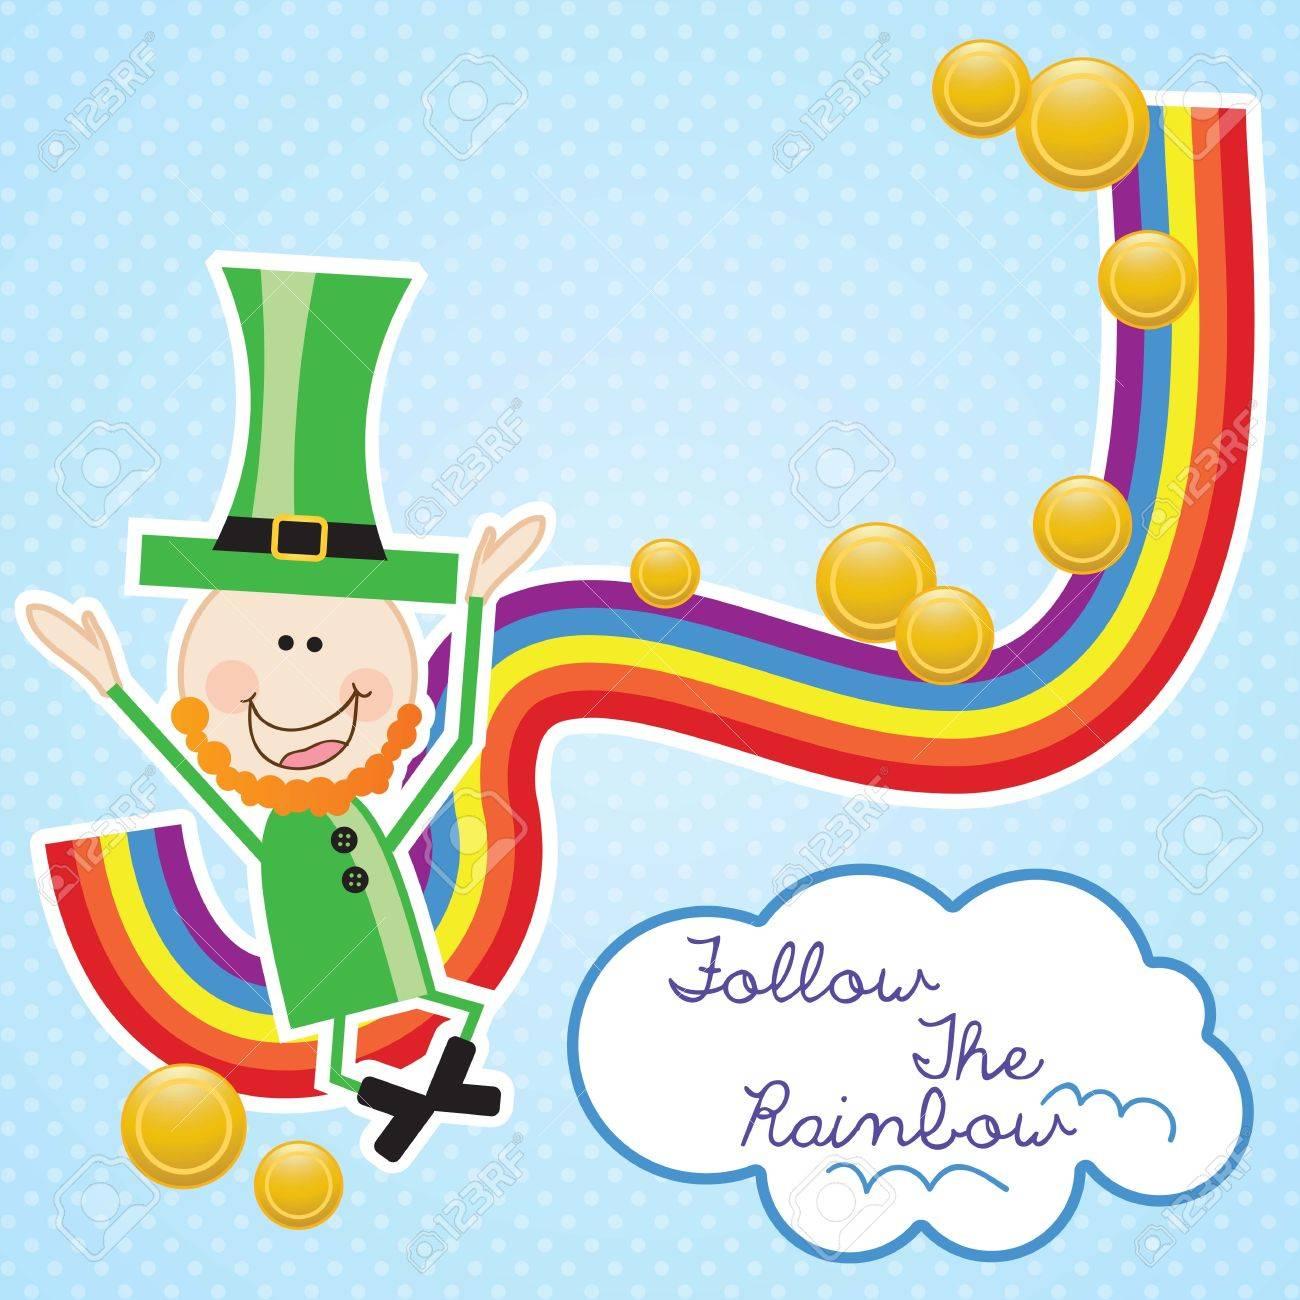 Lucky elf (hat and rainbow) Follow the rainbow. Vector illustration Stock Vector - 17734282